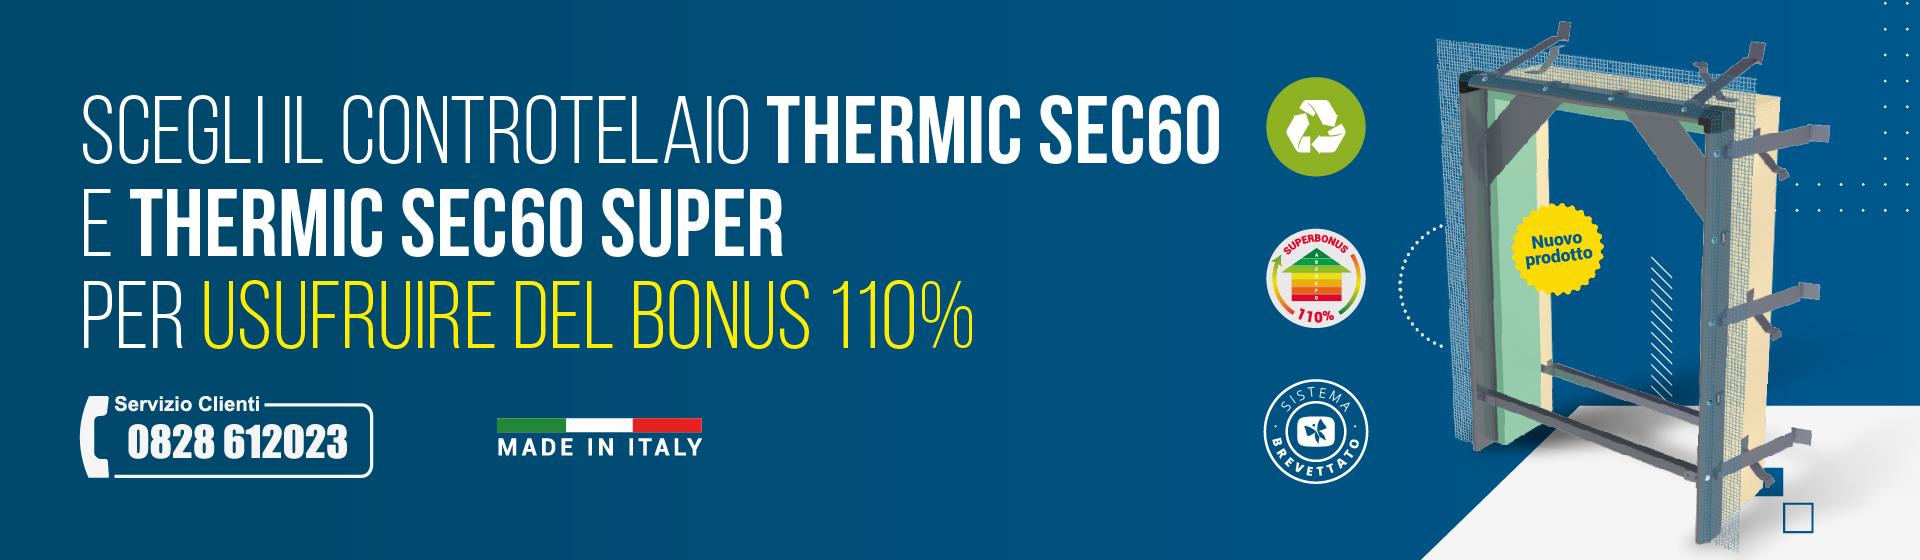 Thermic Sec60 – Controtelaio a Taglio Termico